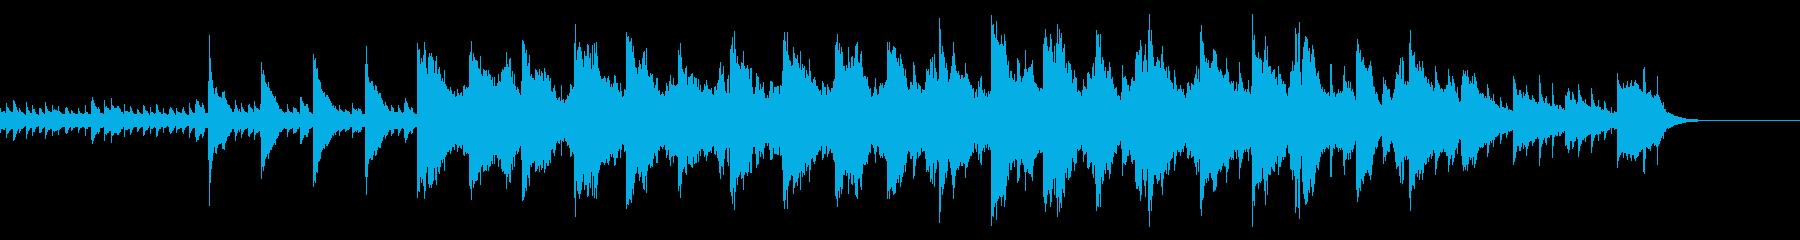 ピアノ曲 回想シーンや試練のシーンの再生済みの波形